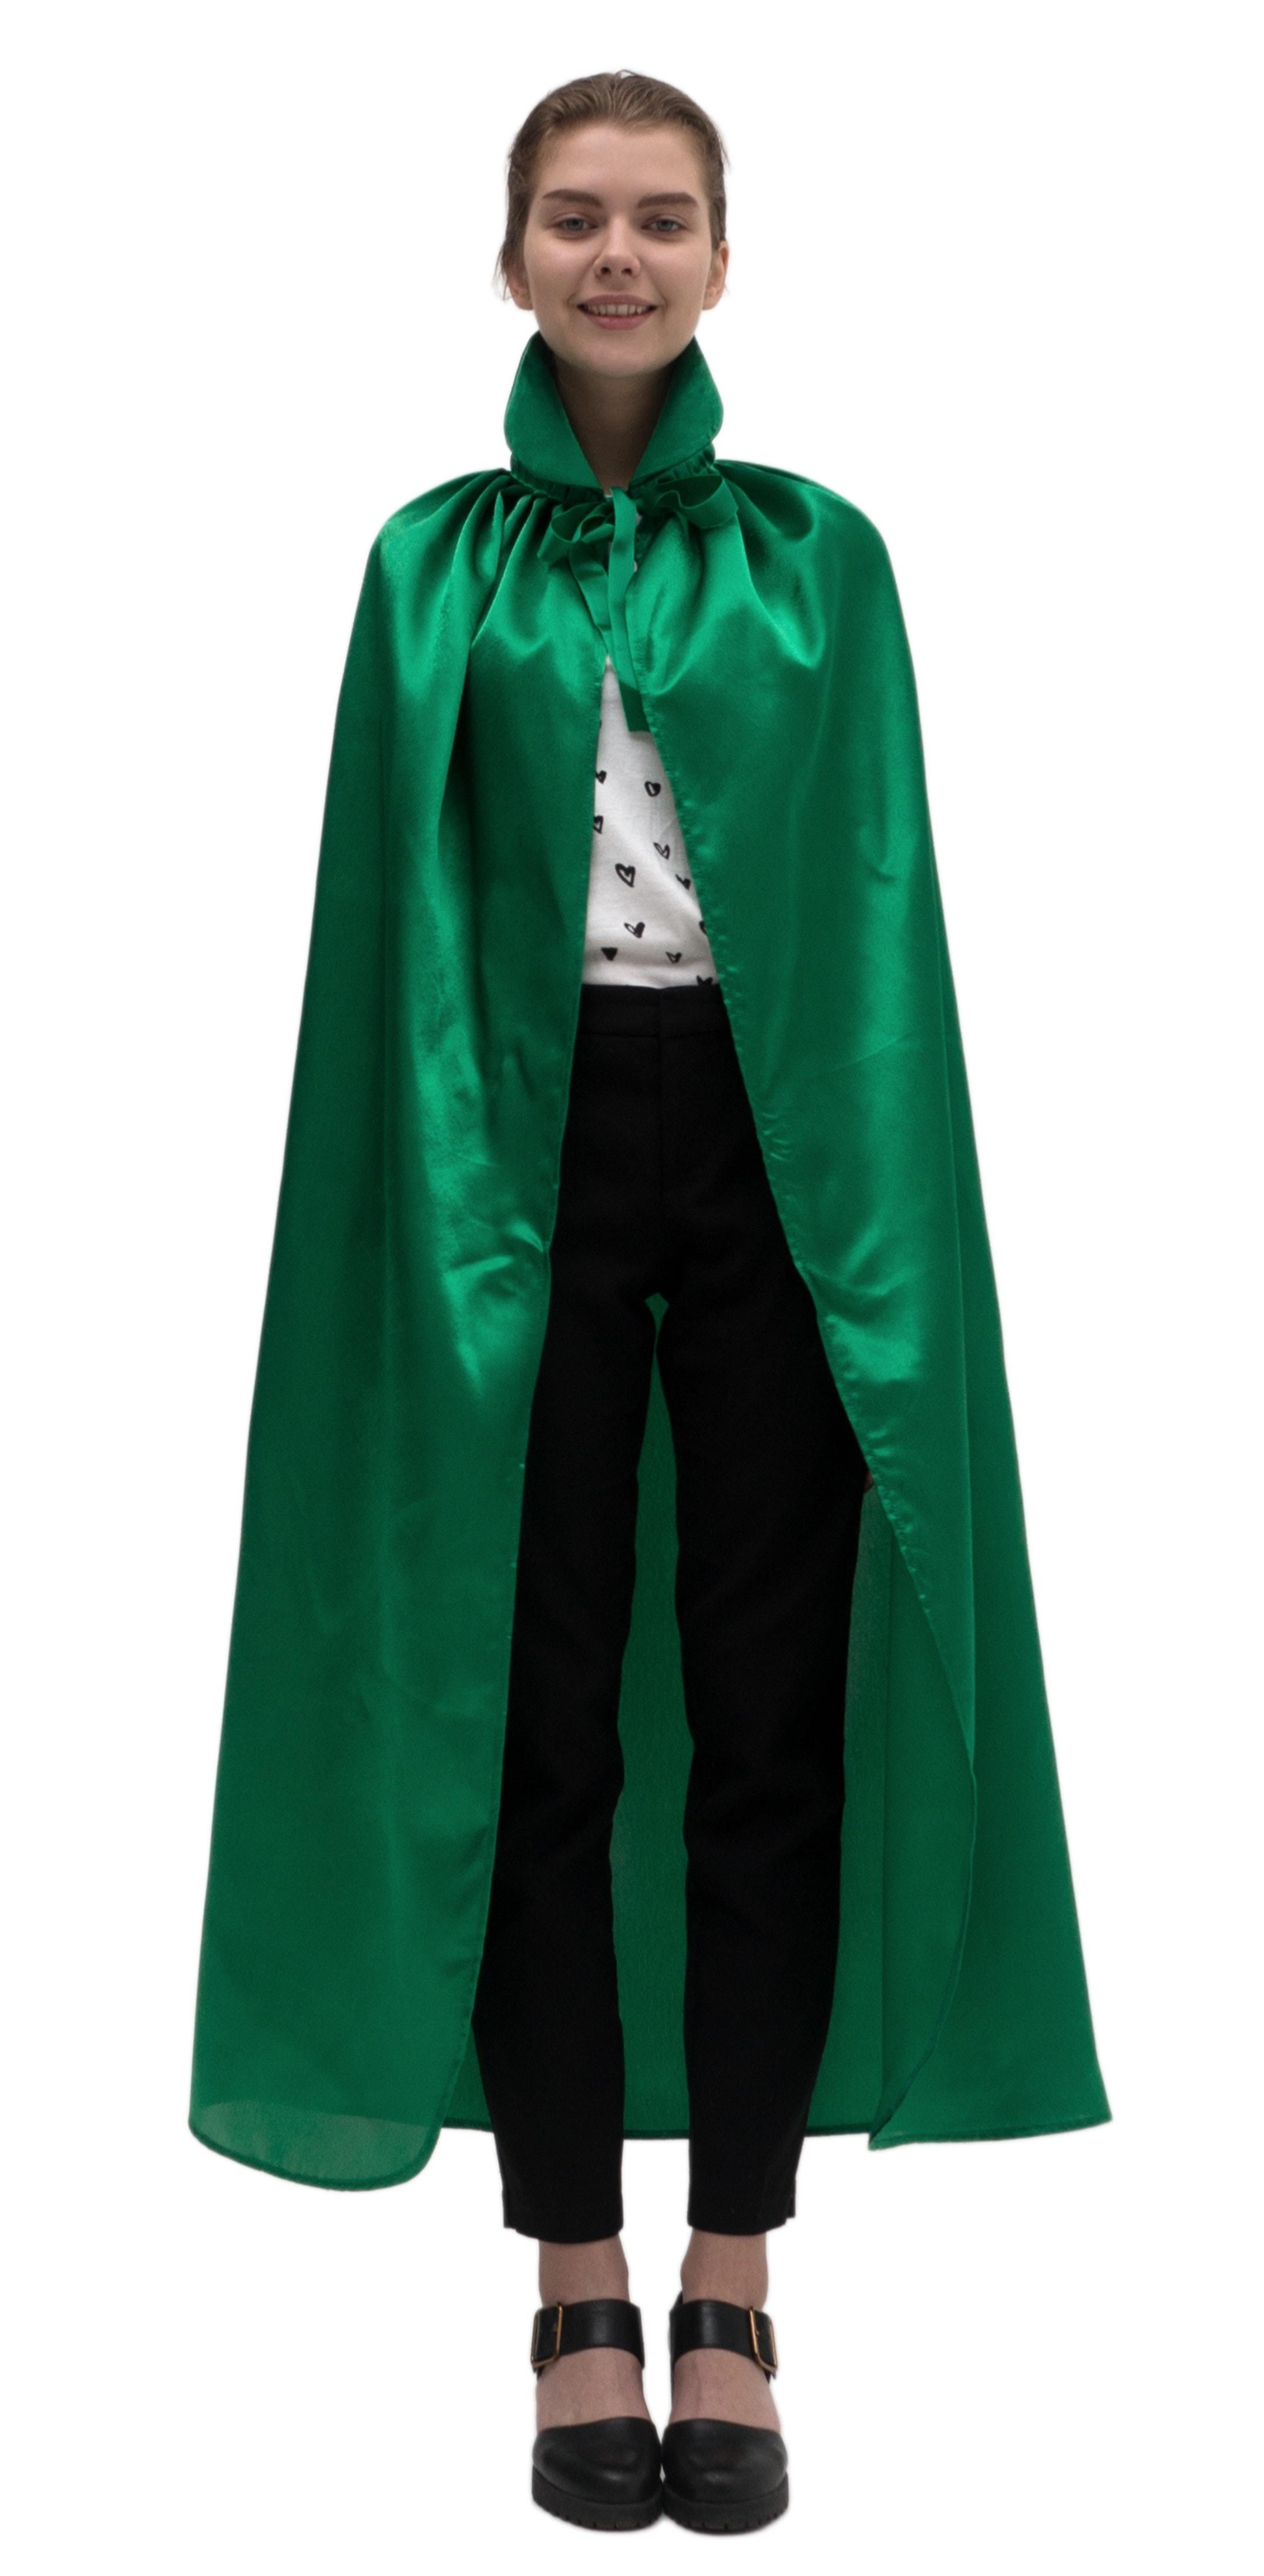 Купить Зеленый атласный плащ с воротником Птица Феникс p1015,